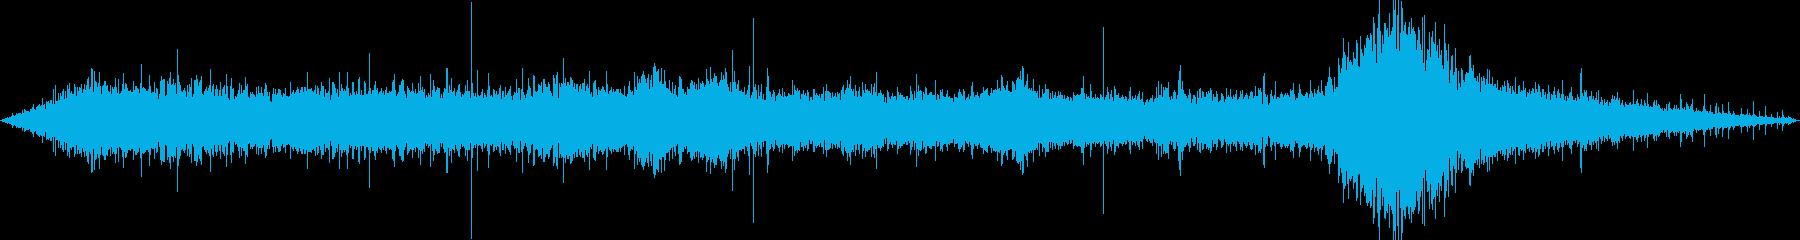 環境音-駅の改札口(人多め)の再生済みの波形